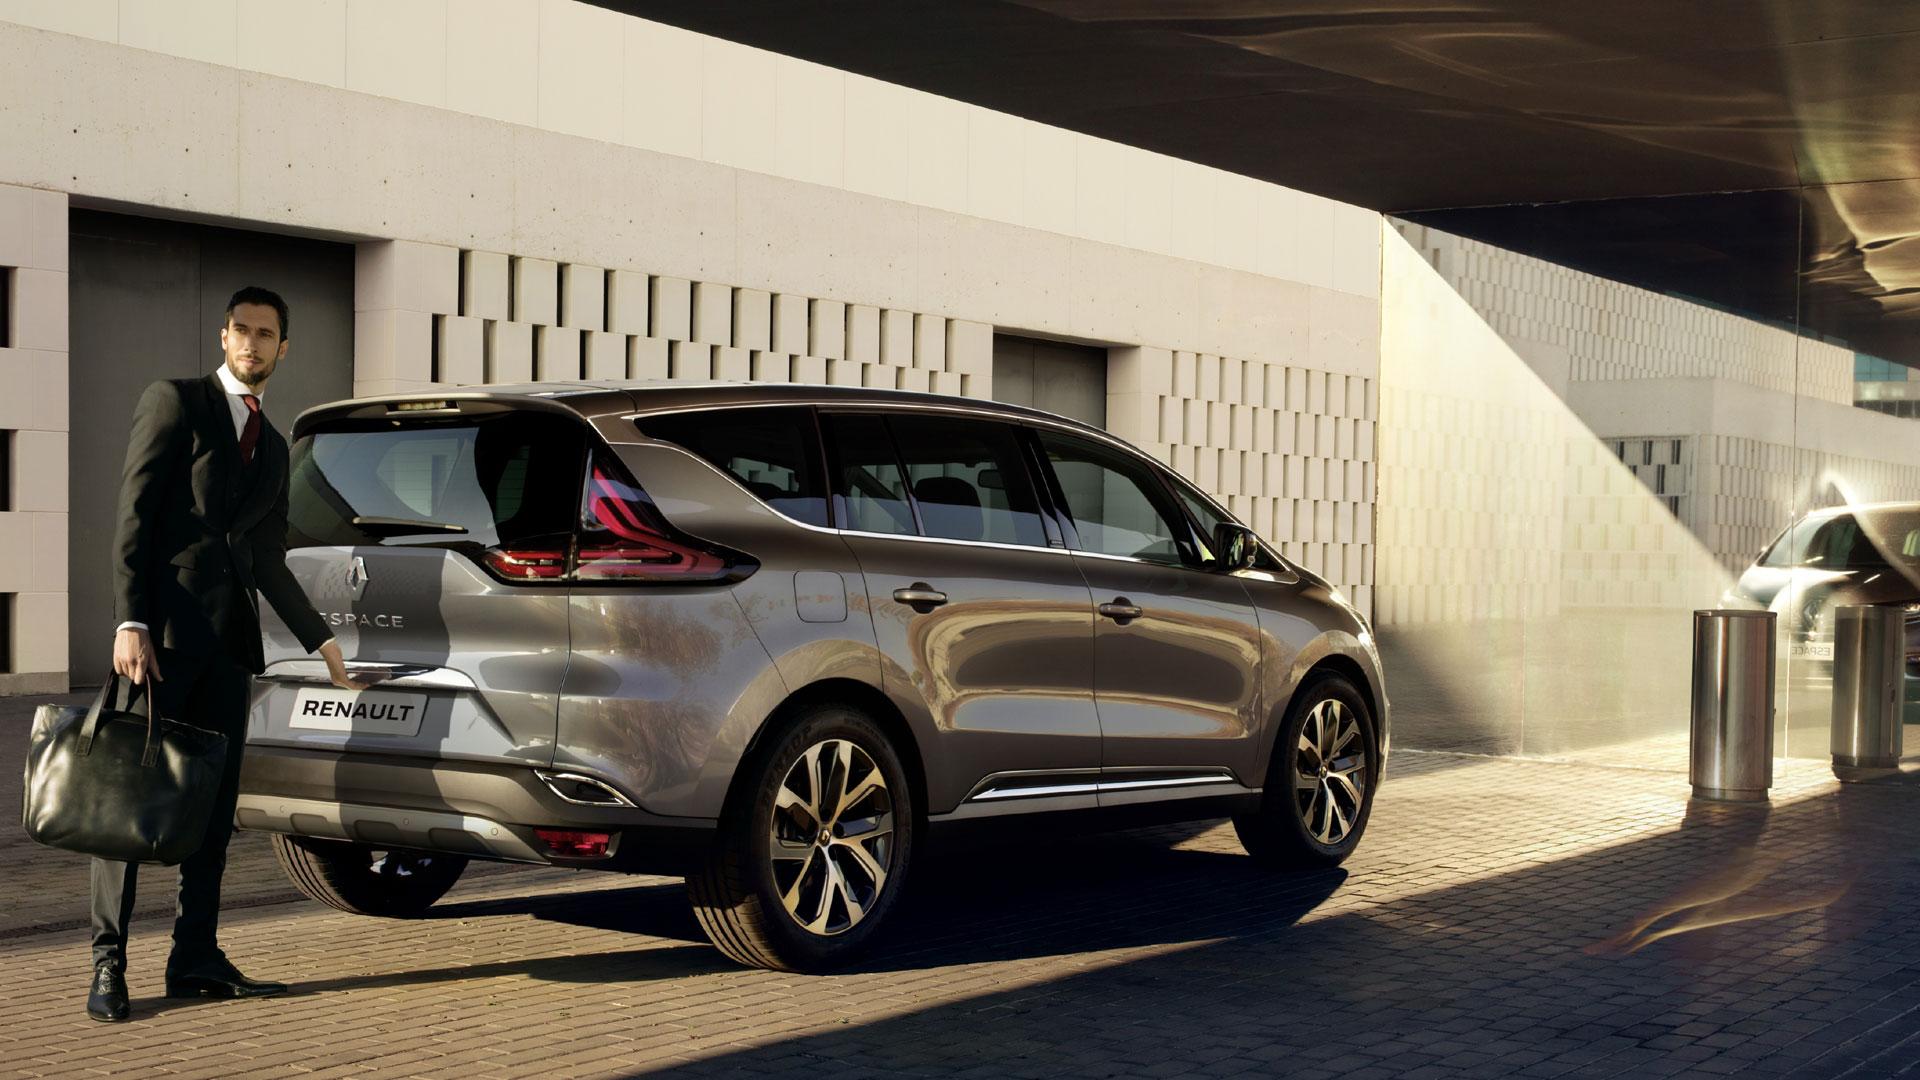 Ciclo de vida da Renault Espace deverá chegar ao fim na quarta geração